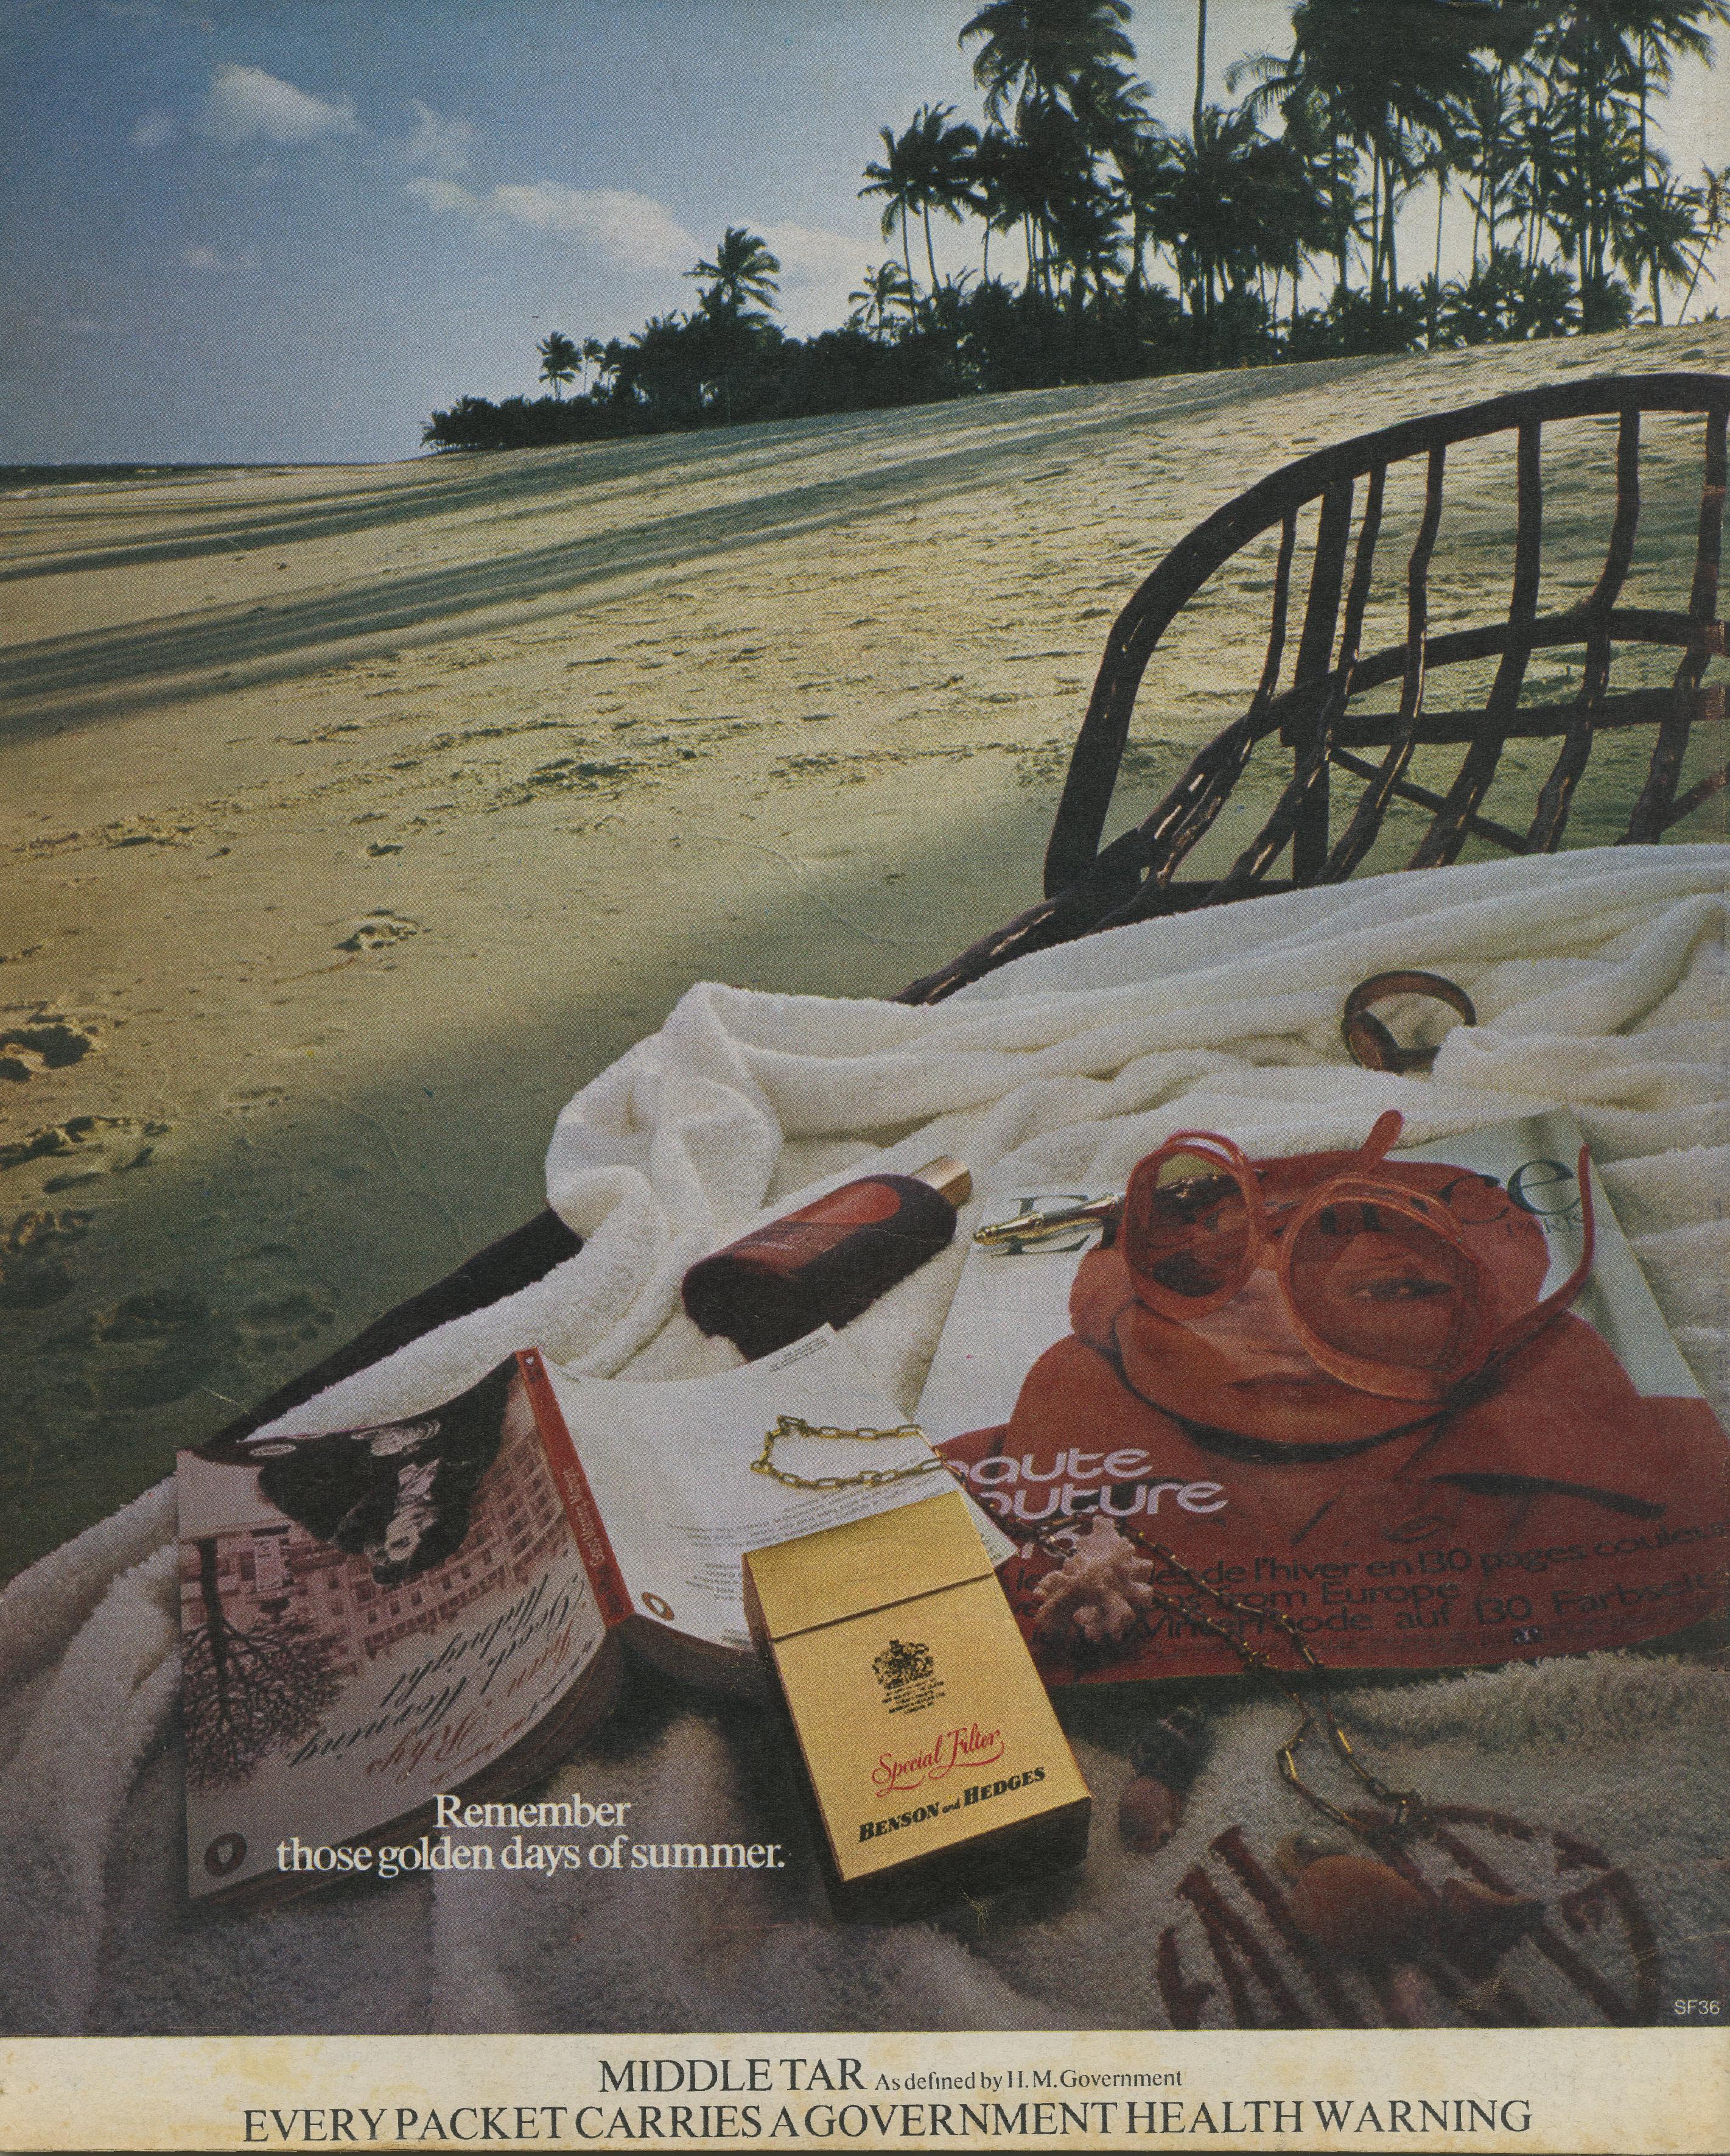 B&H Gold Box 'Beach' CDP-01